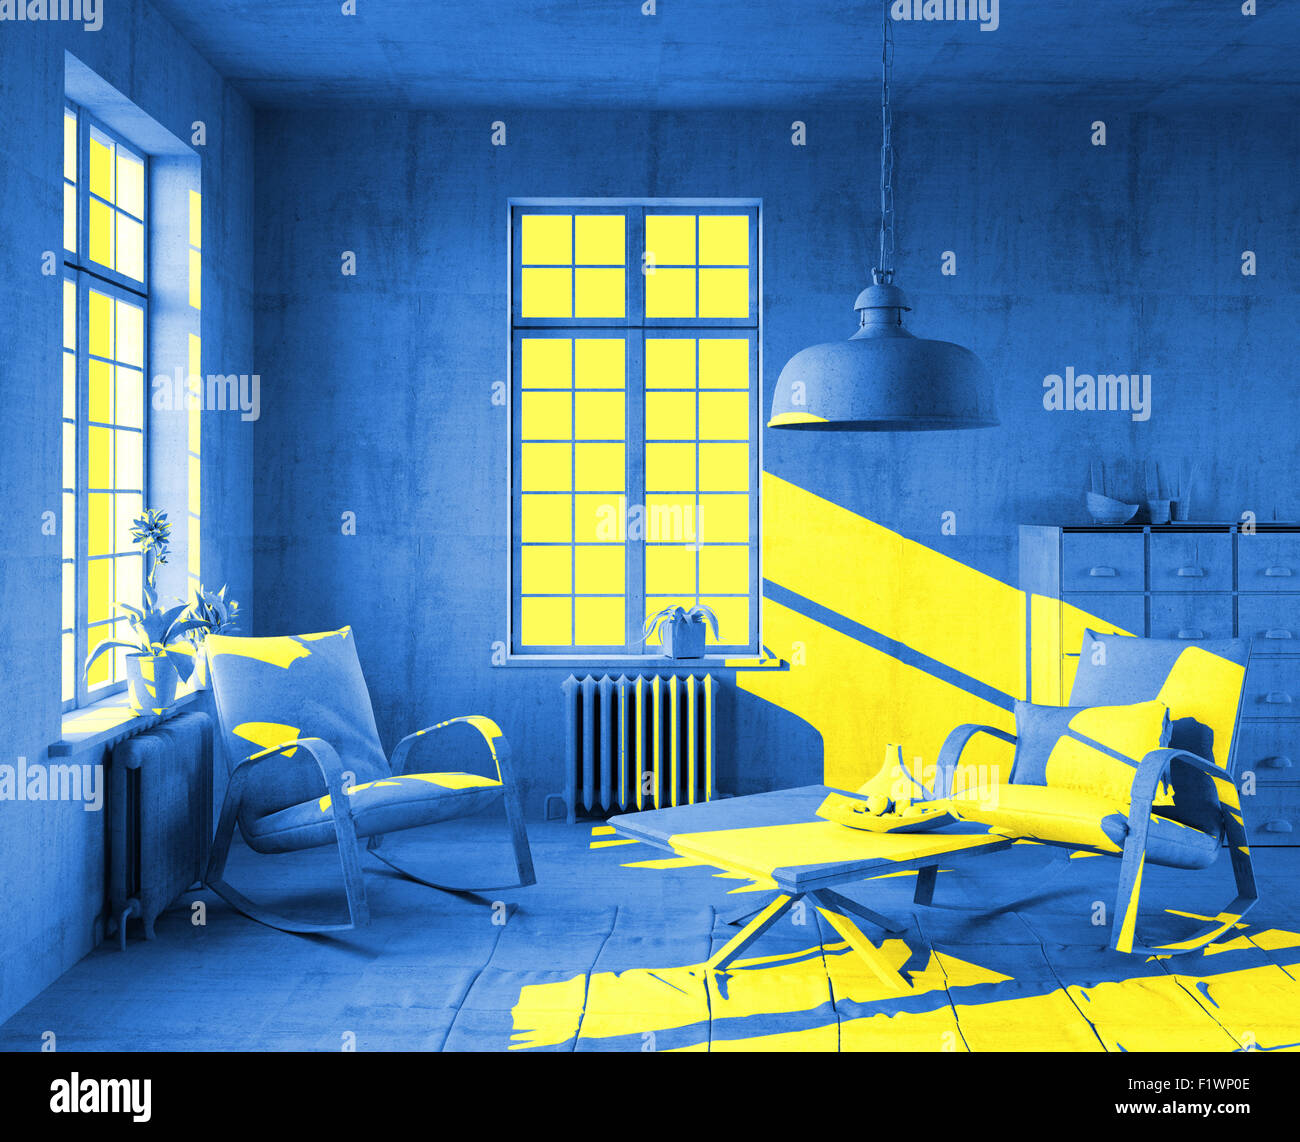 Luz amarilla en el arte-estilo interior. Concepto 3d Imagen De Stock